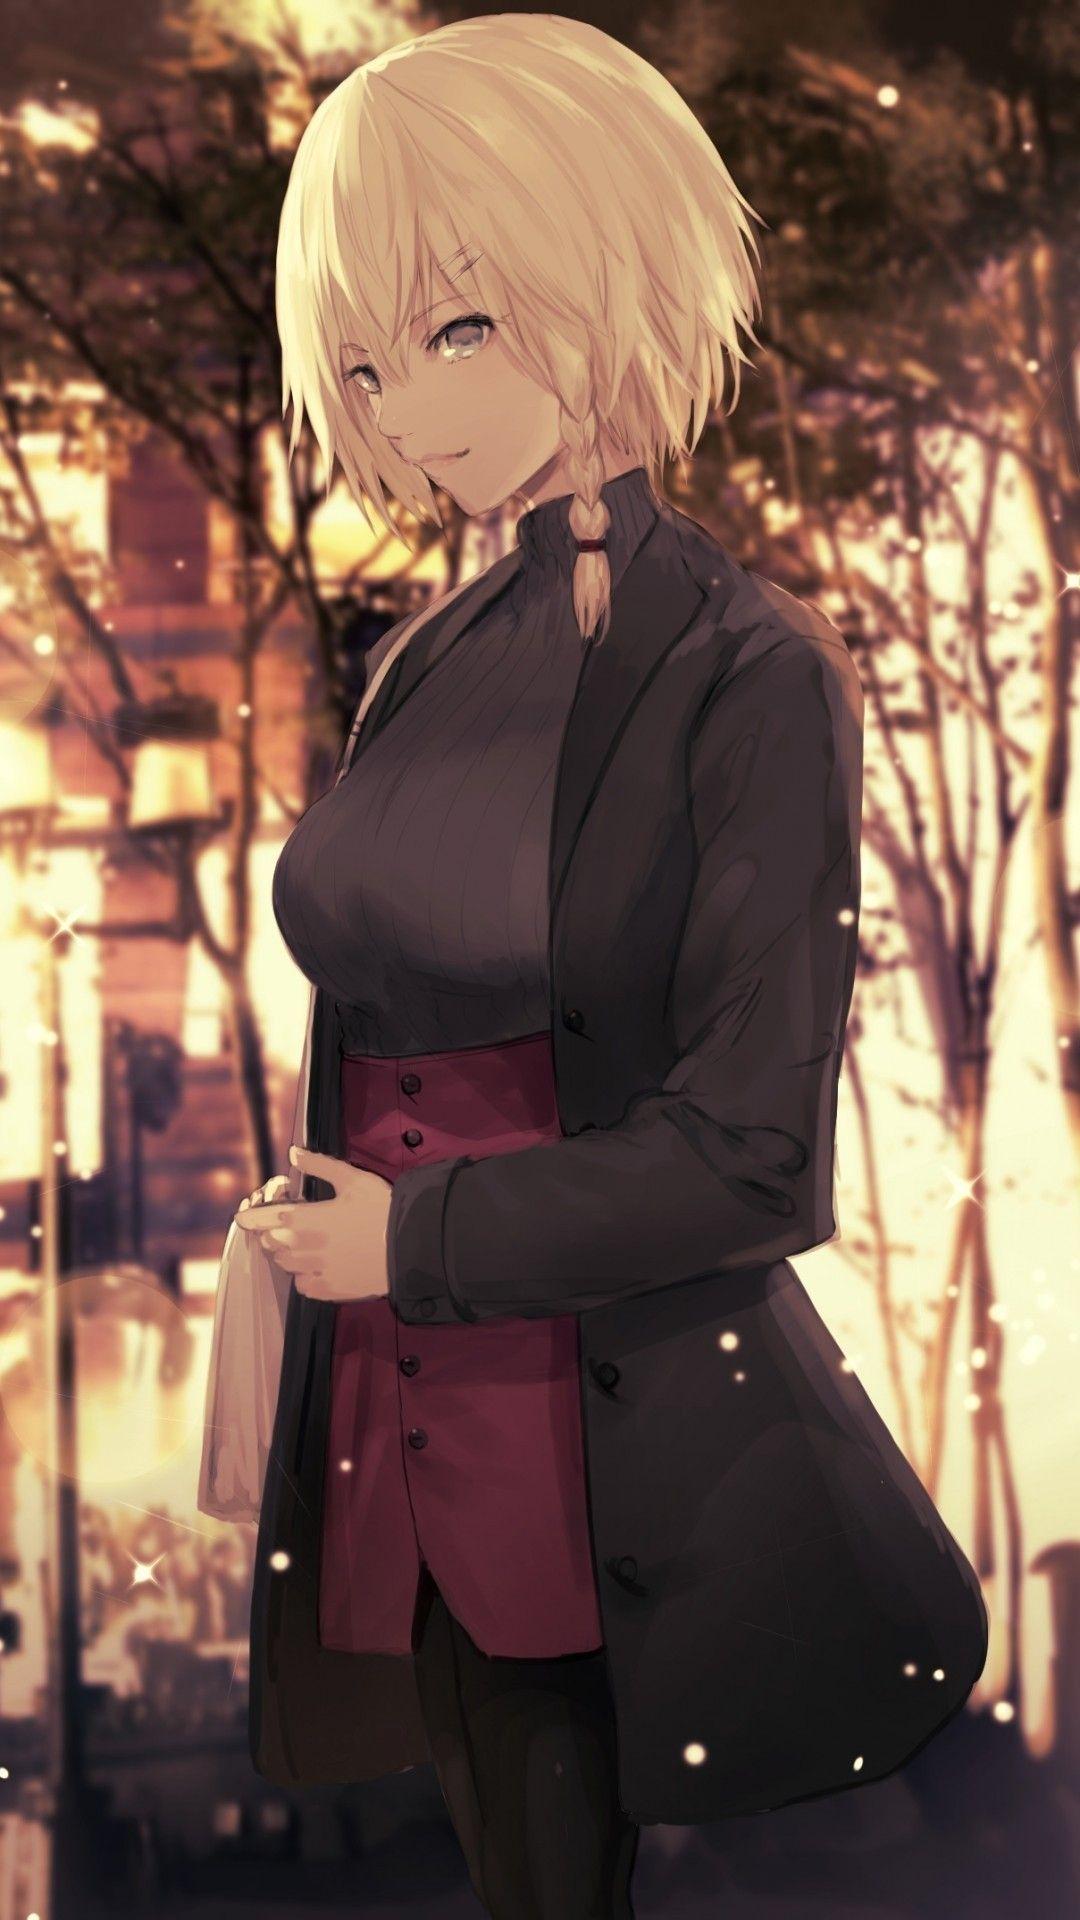 Short Blonde Hair Anime Girl : short, blonde, anime, Anime